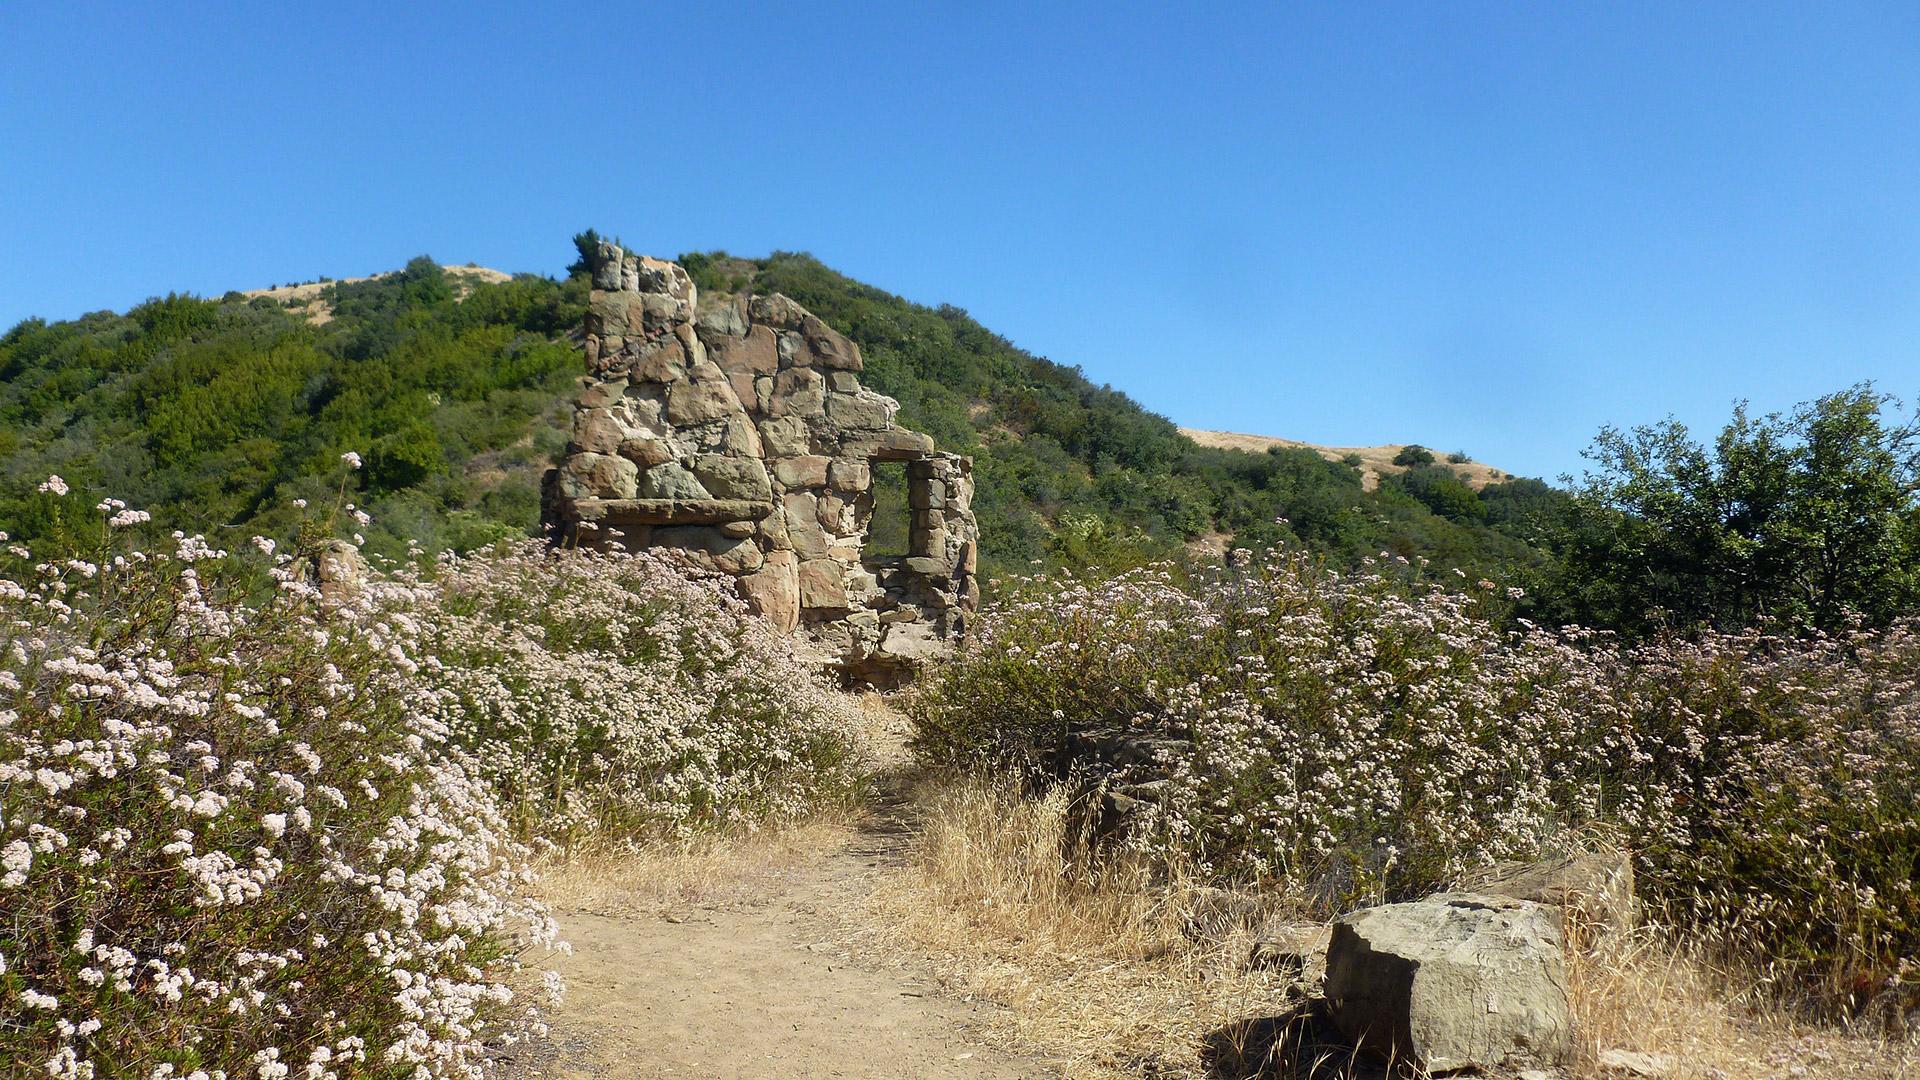 Remains of Knapp's Castle